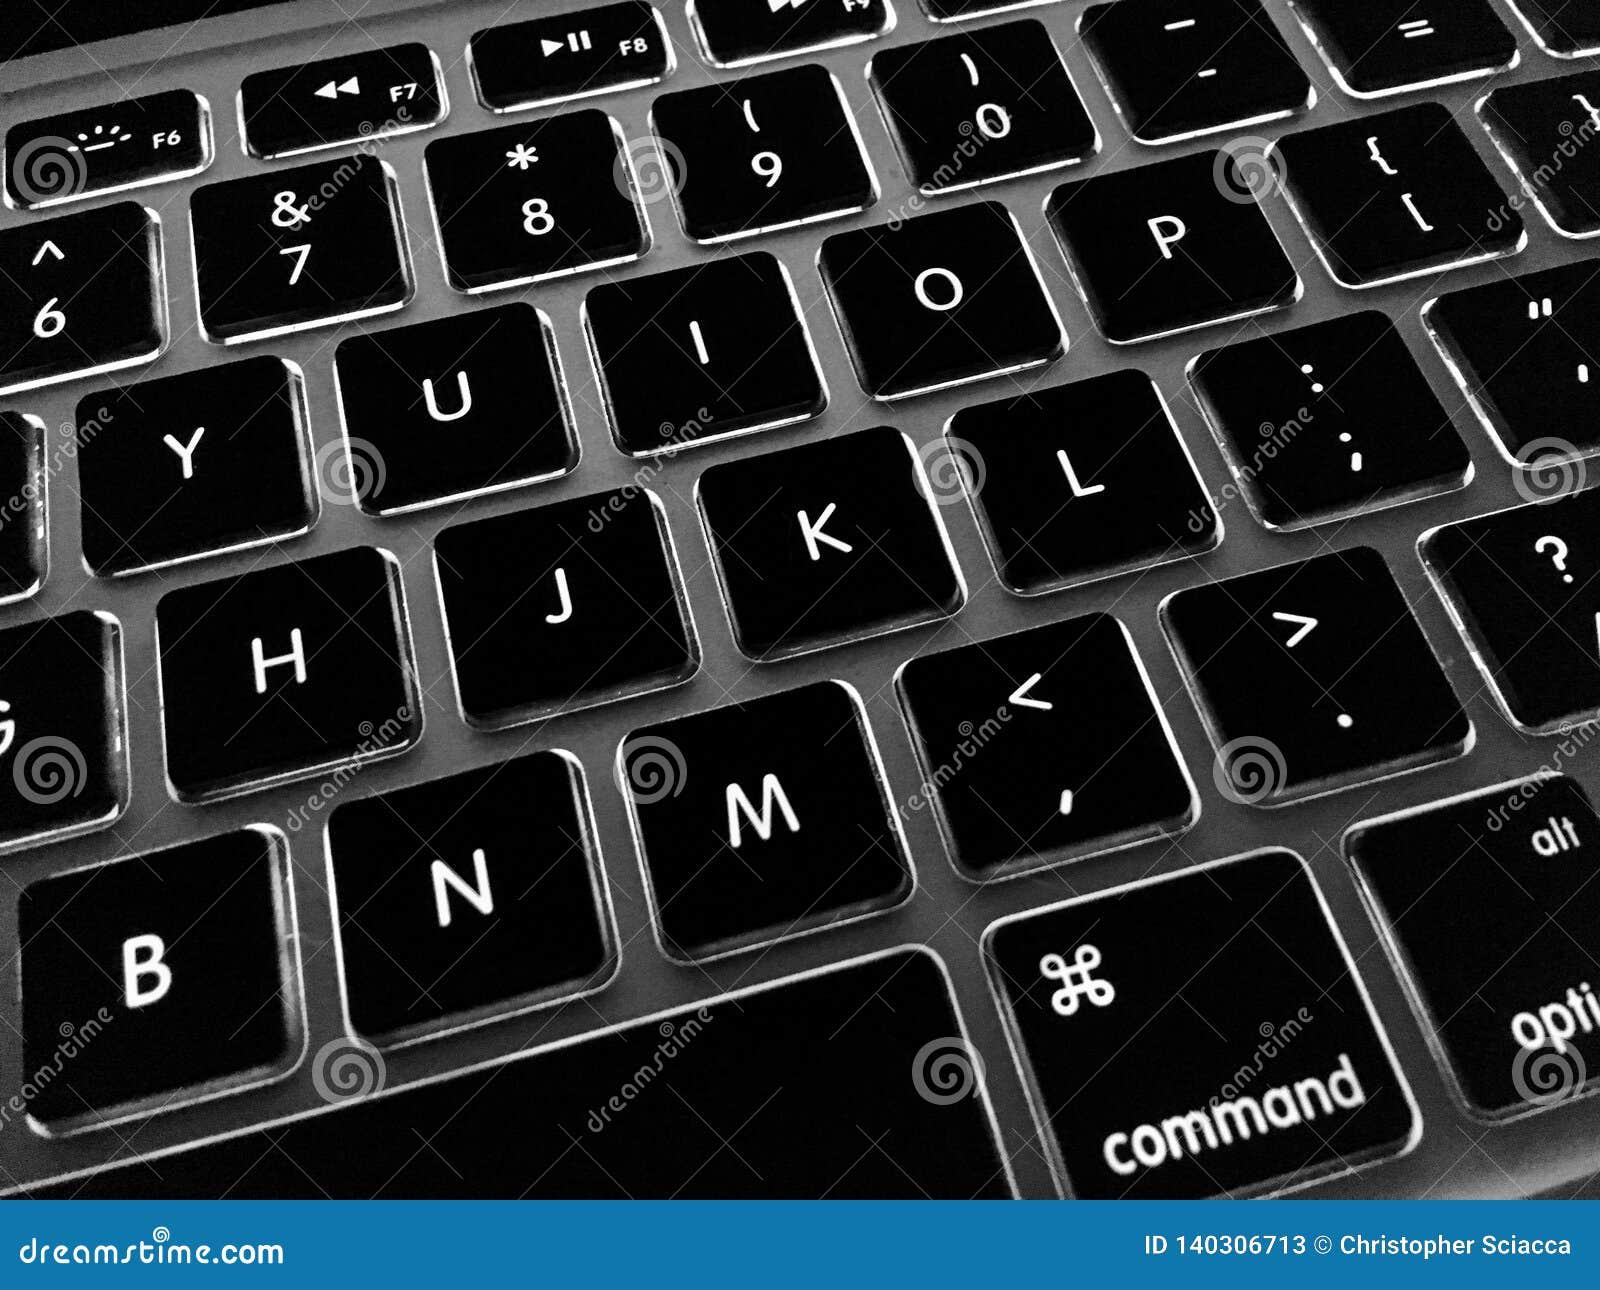 Clavier d ordinateur portable utitlixing des clés rétro-éclairées